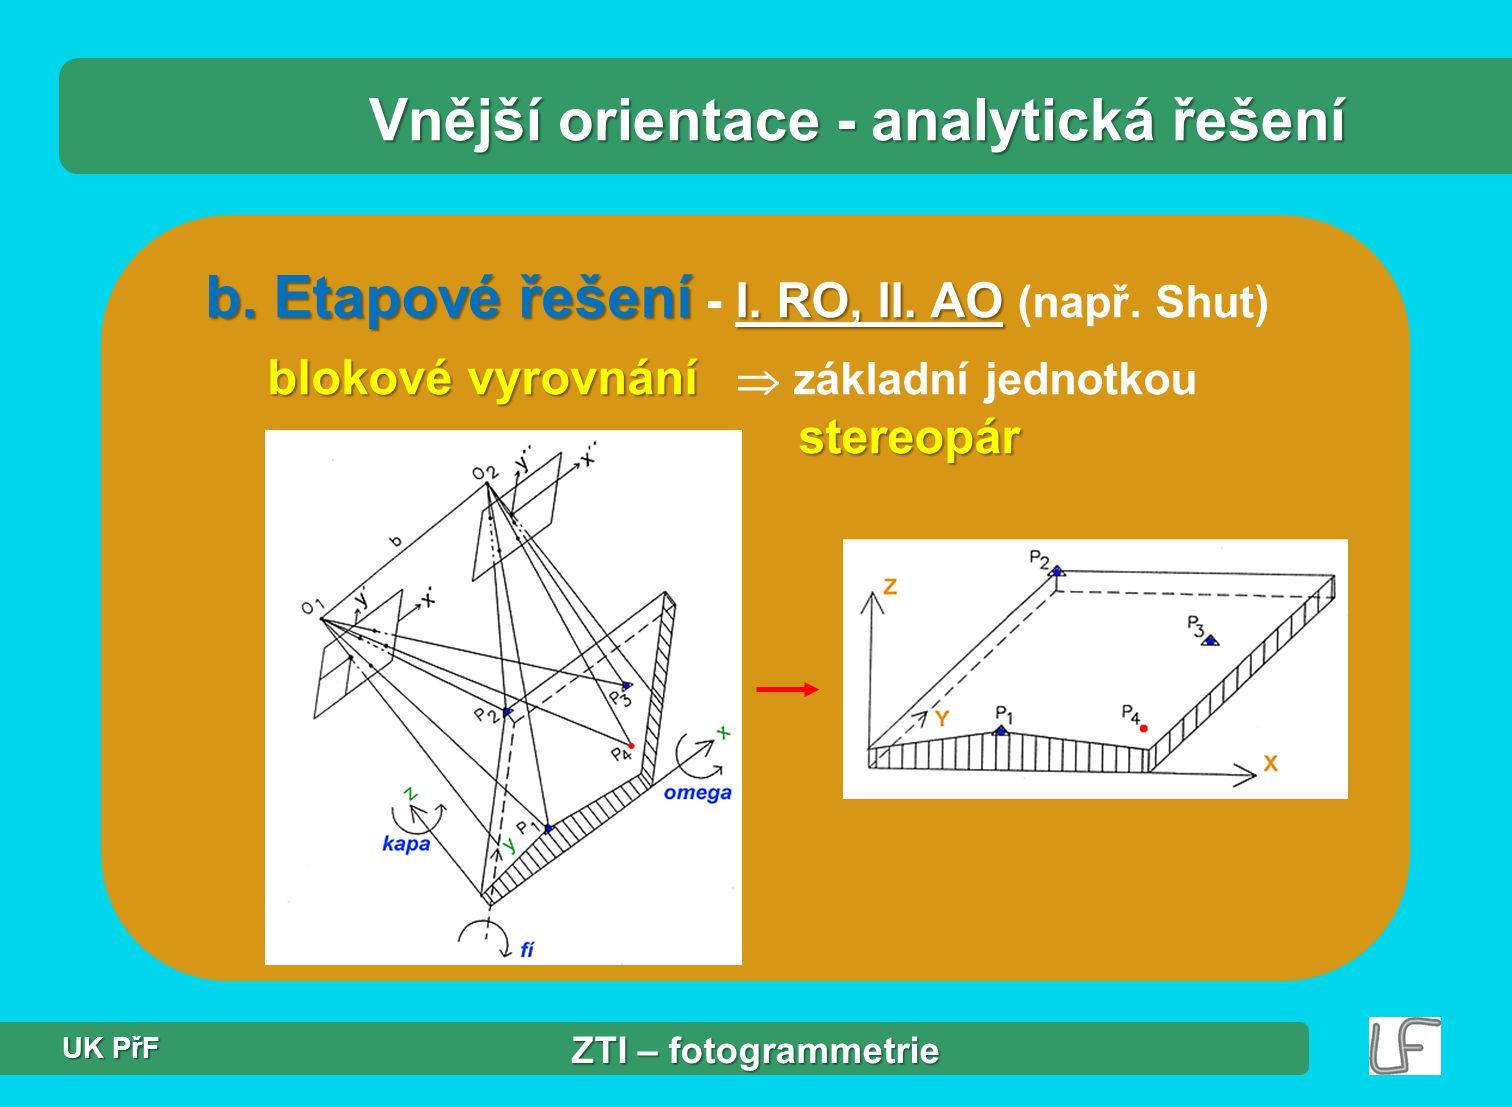 Vnější orientace - analytická řešení